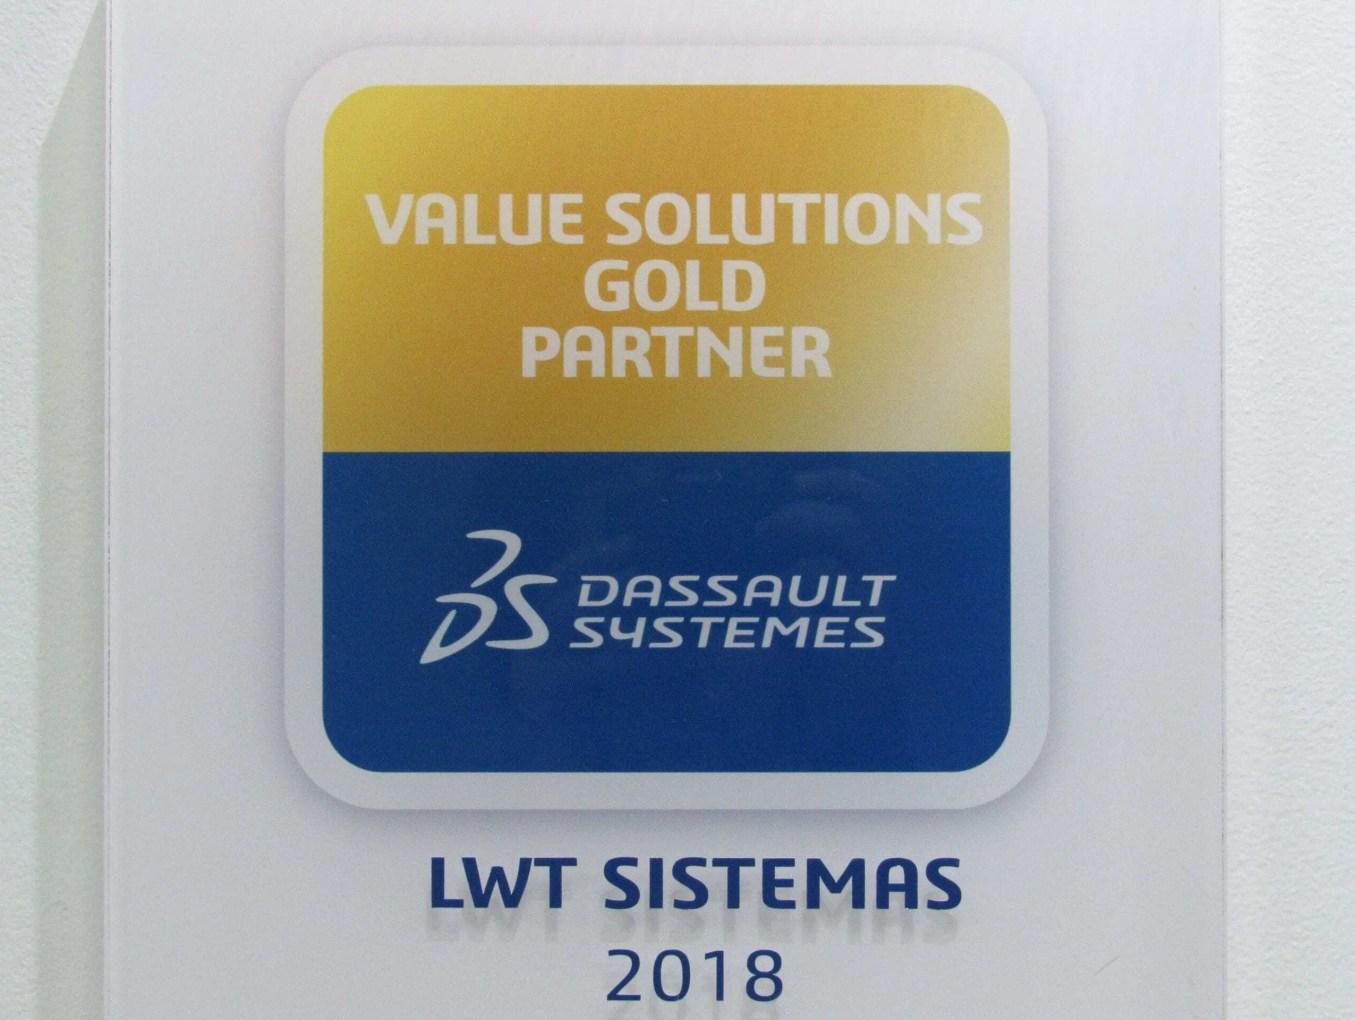 A LWT Sistemas conquistou o prêmio de parceiro GOLD da Dassault Systemès